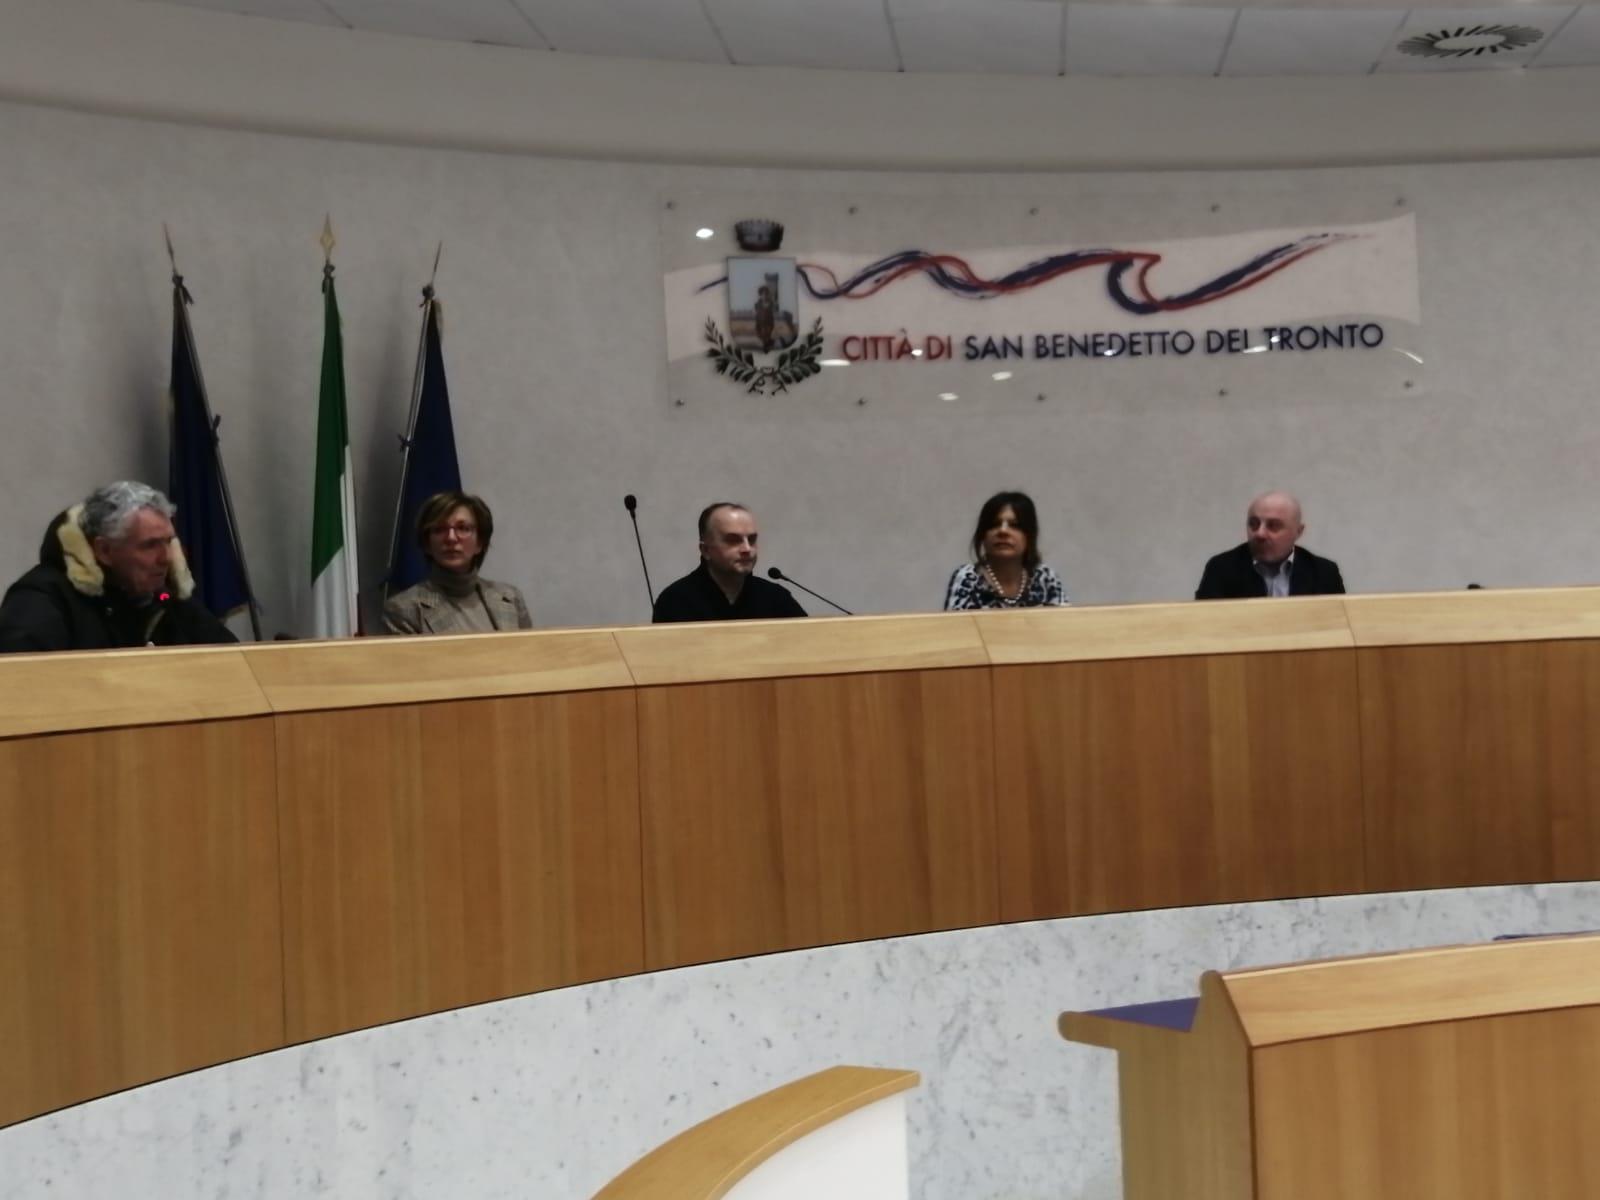 Alcuni momenti della conferenza stampa